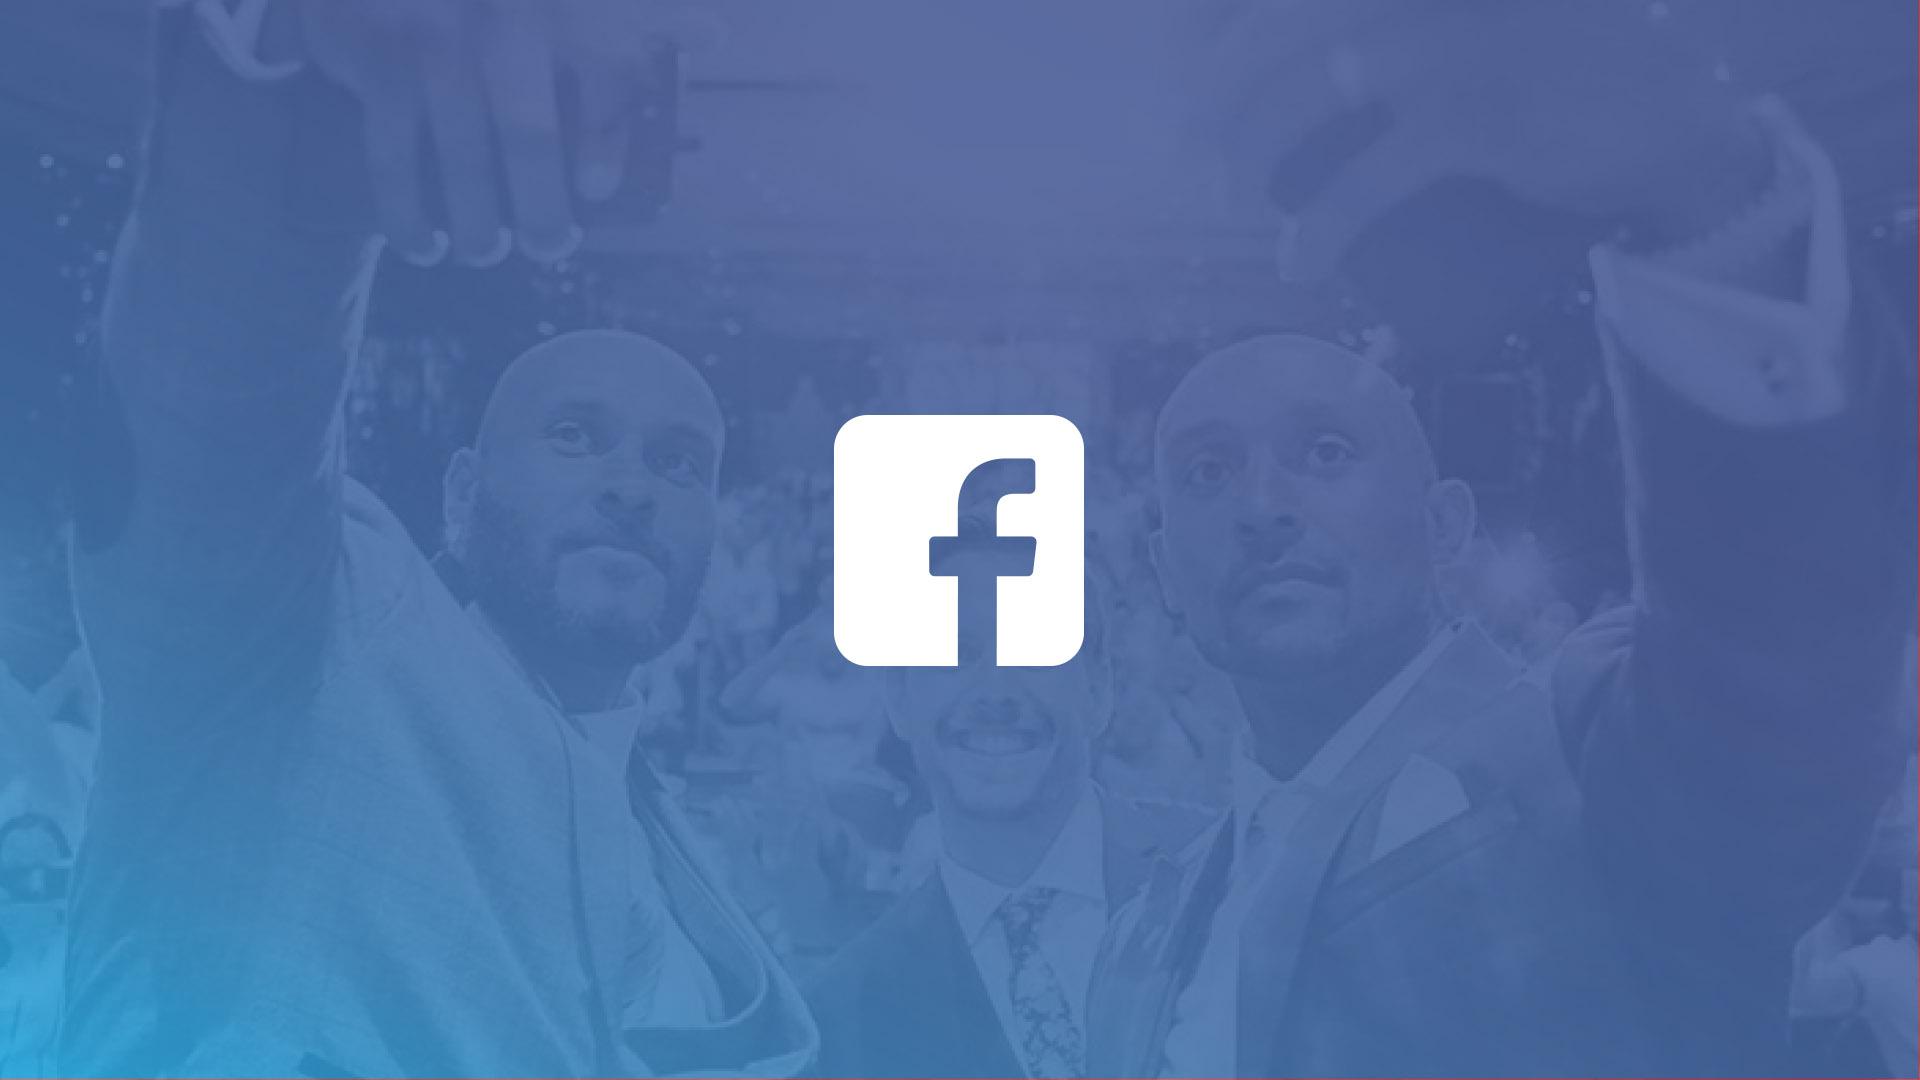 WhereToFindUs-Facebook.jpg